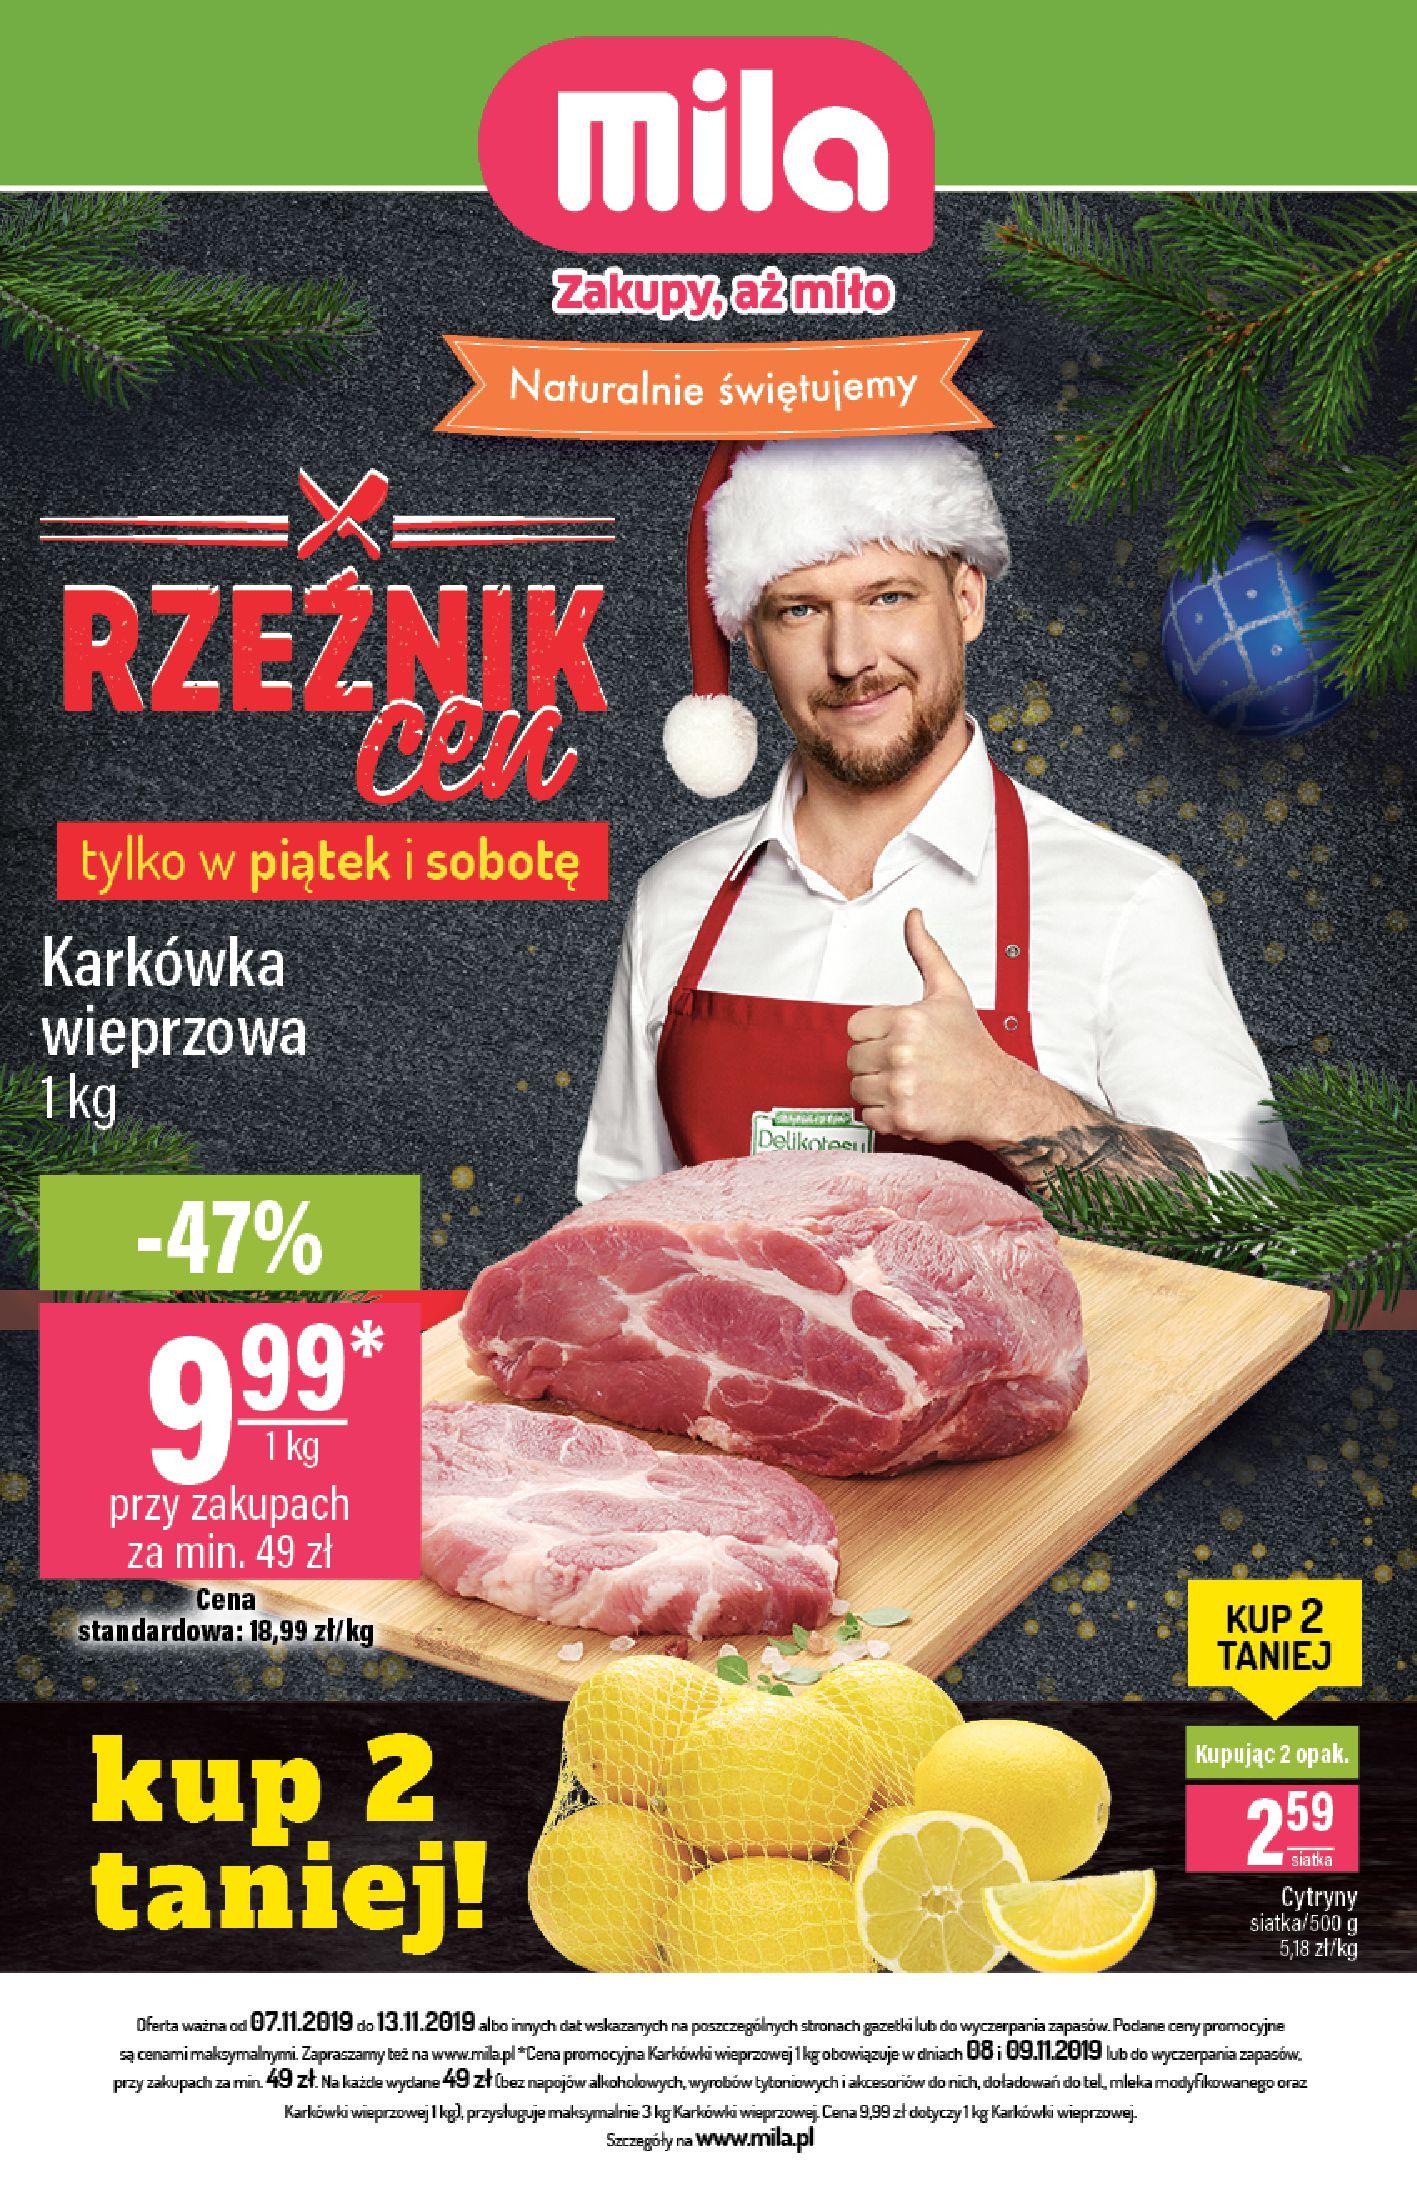 Gazetka Mila - Gazetka 45-06.11.2019-13.11.2019-page-1